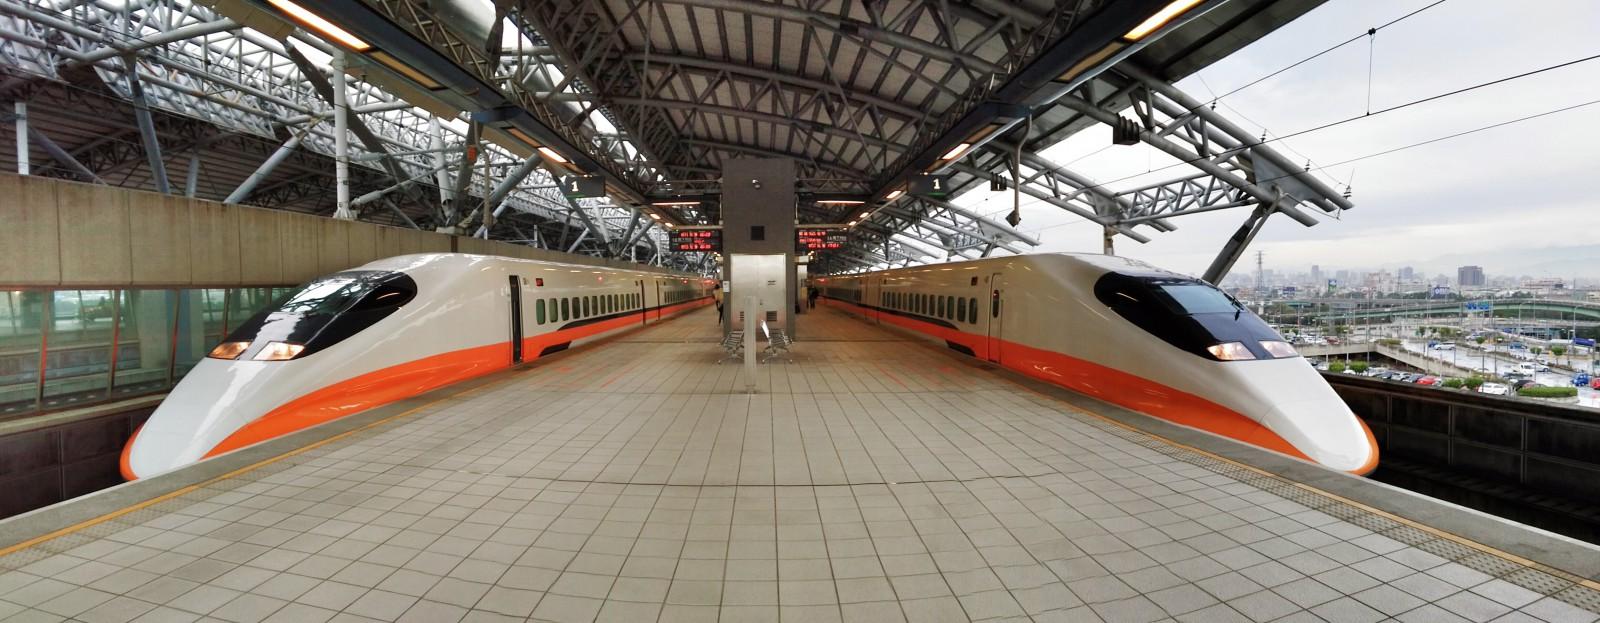 Autopanorama von der Taiwan Highspeed Rail, nachbearbeitet mit Snapseed